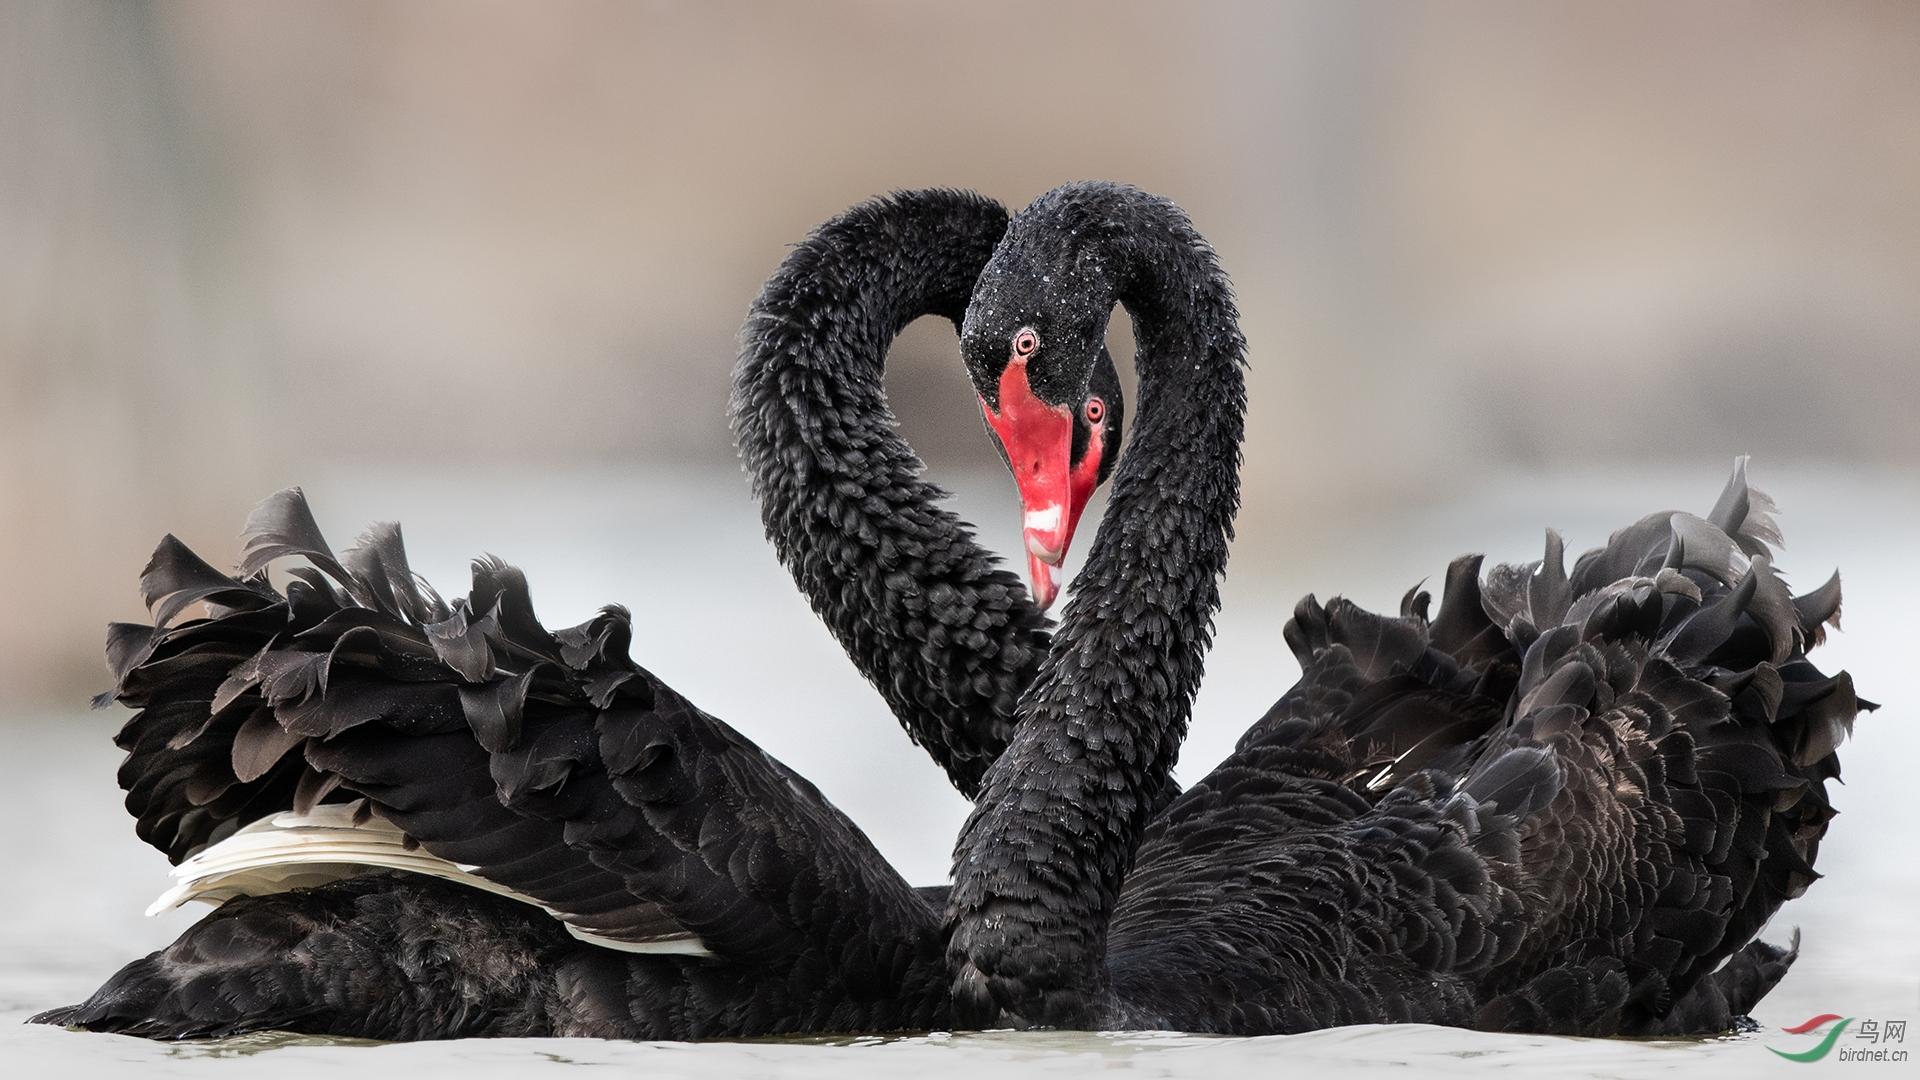 铜-0357.黑脸琵鹭队-鸟已飞过-黑天鹅 拷贝.jpg